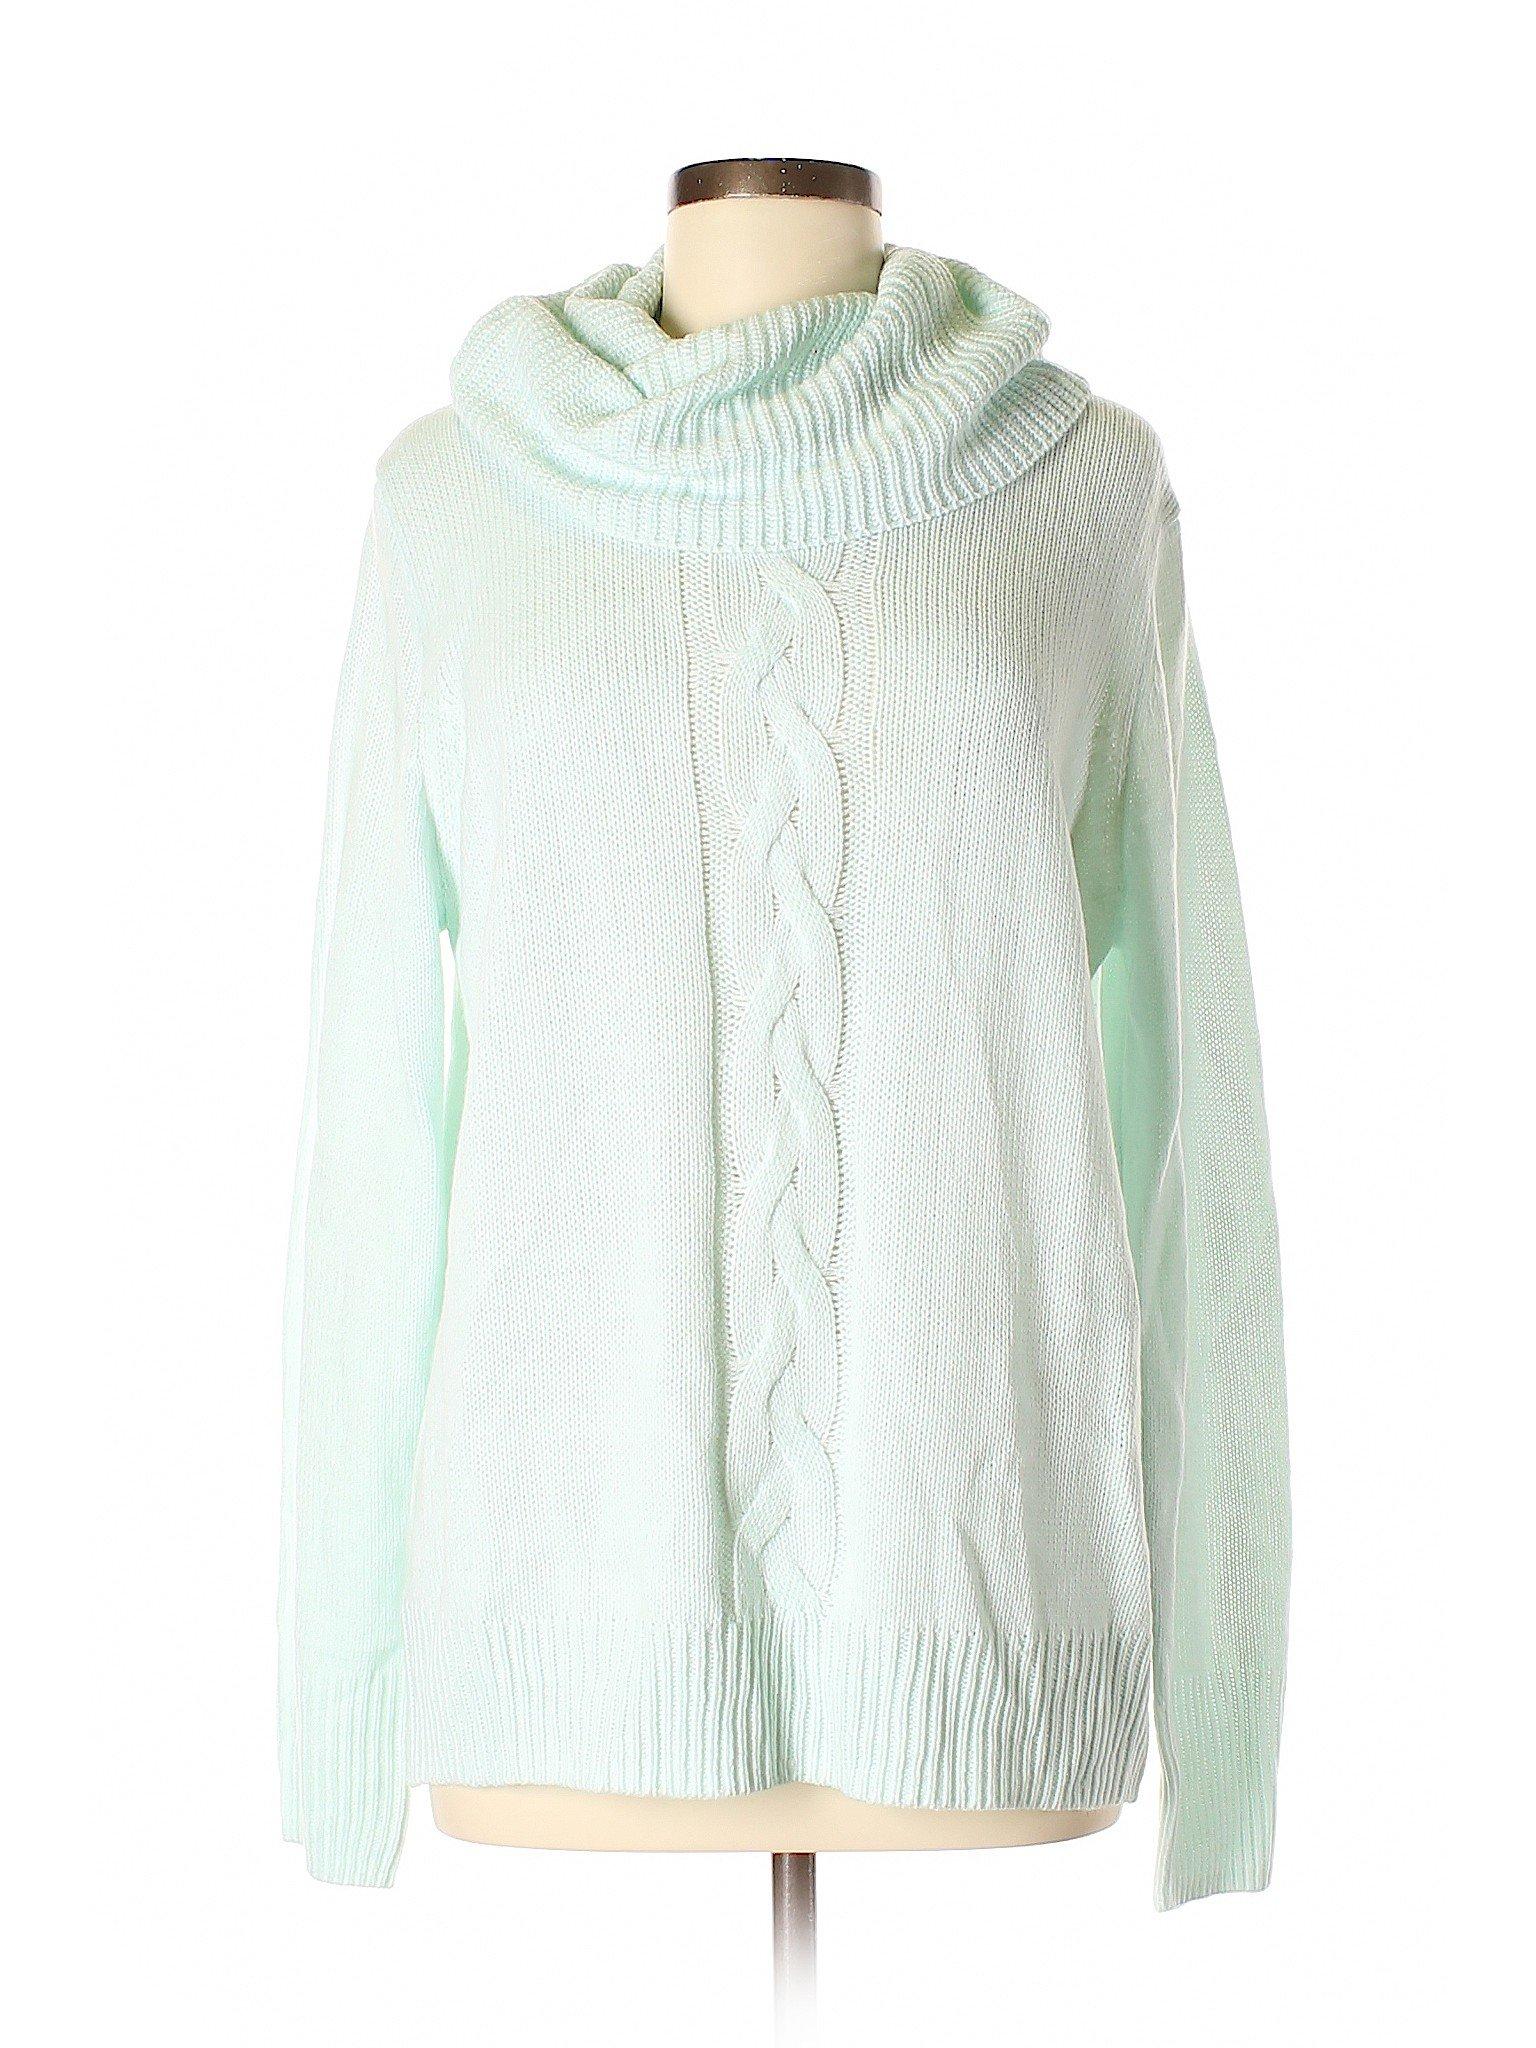 CB CB Boutique Pullover Pullover Sweater CB Sweater Pullover Boutique Boutique 6x0wYn5C7q